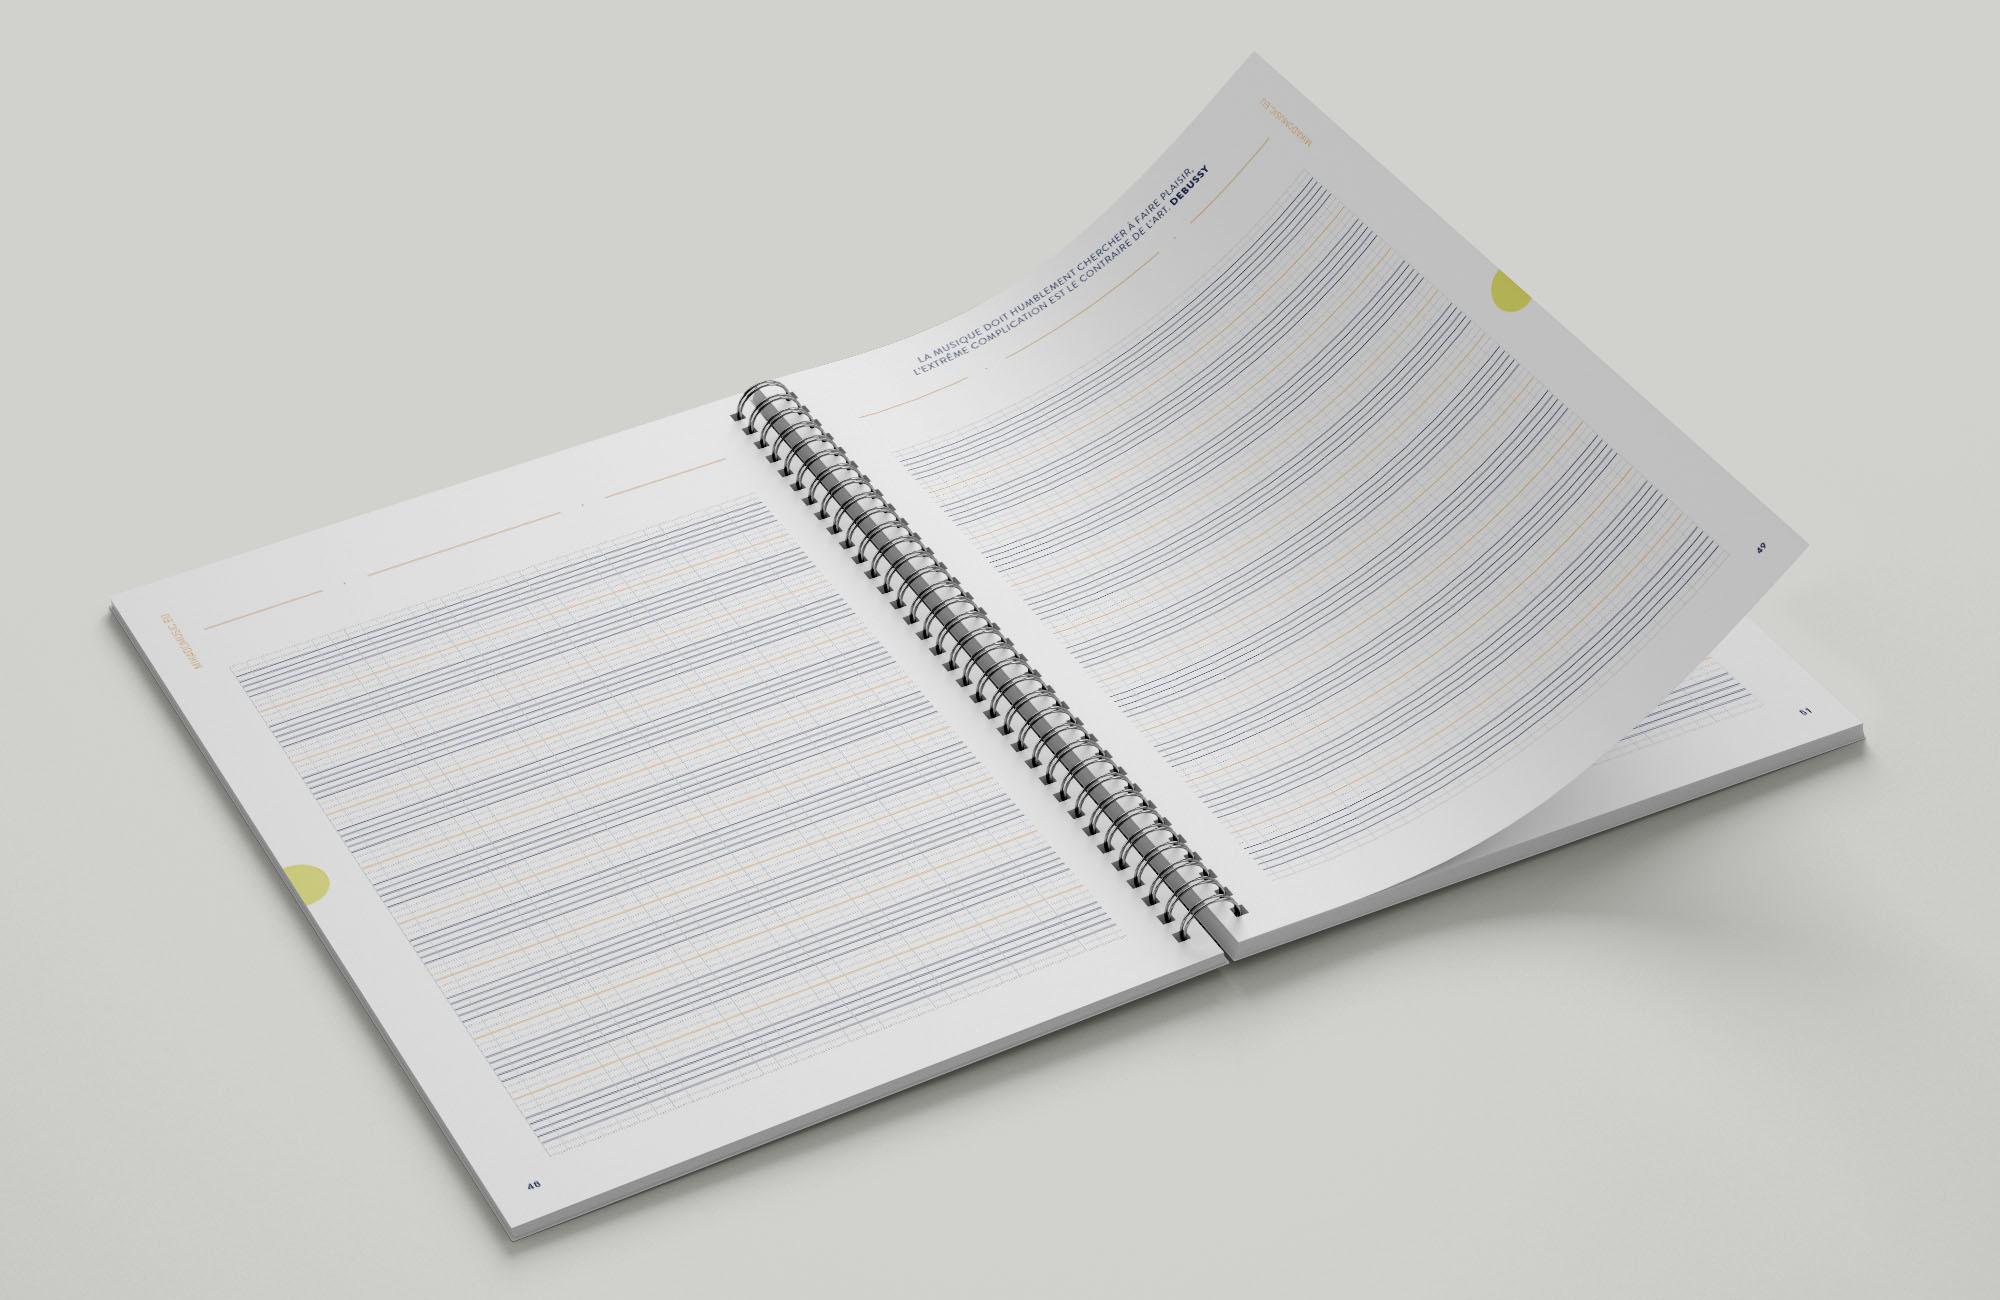 Les cahiers avec portées seules